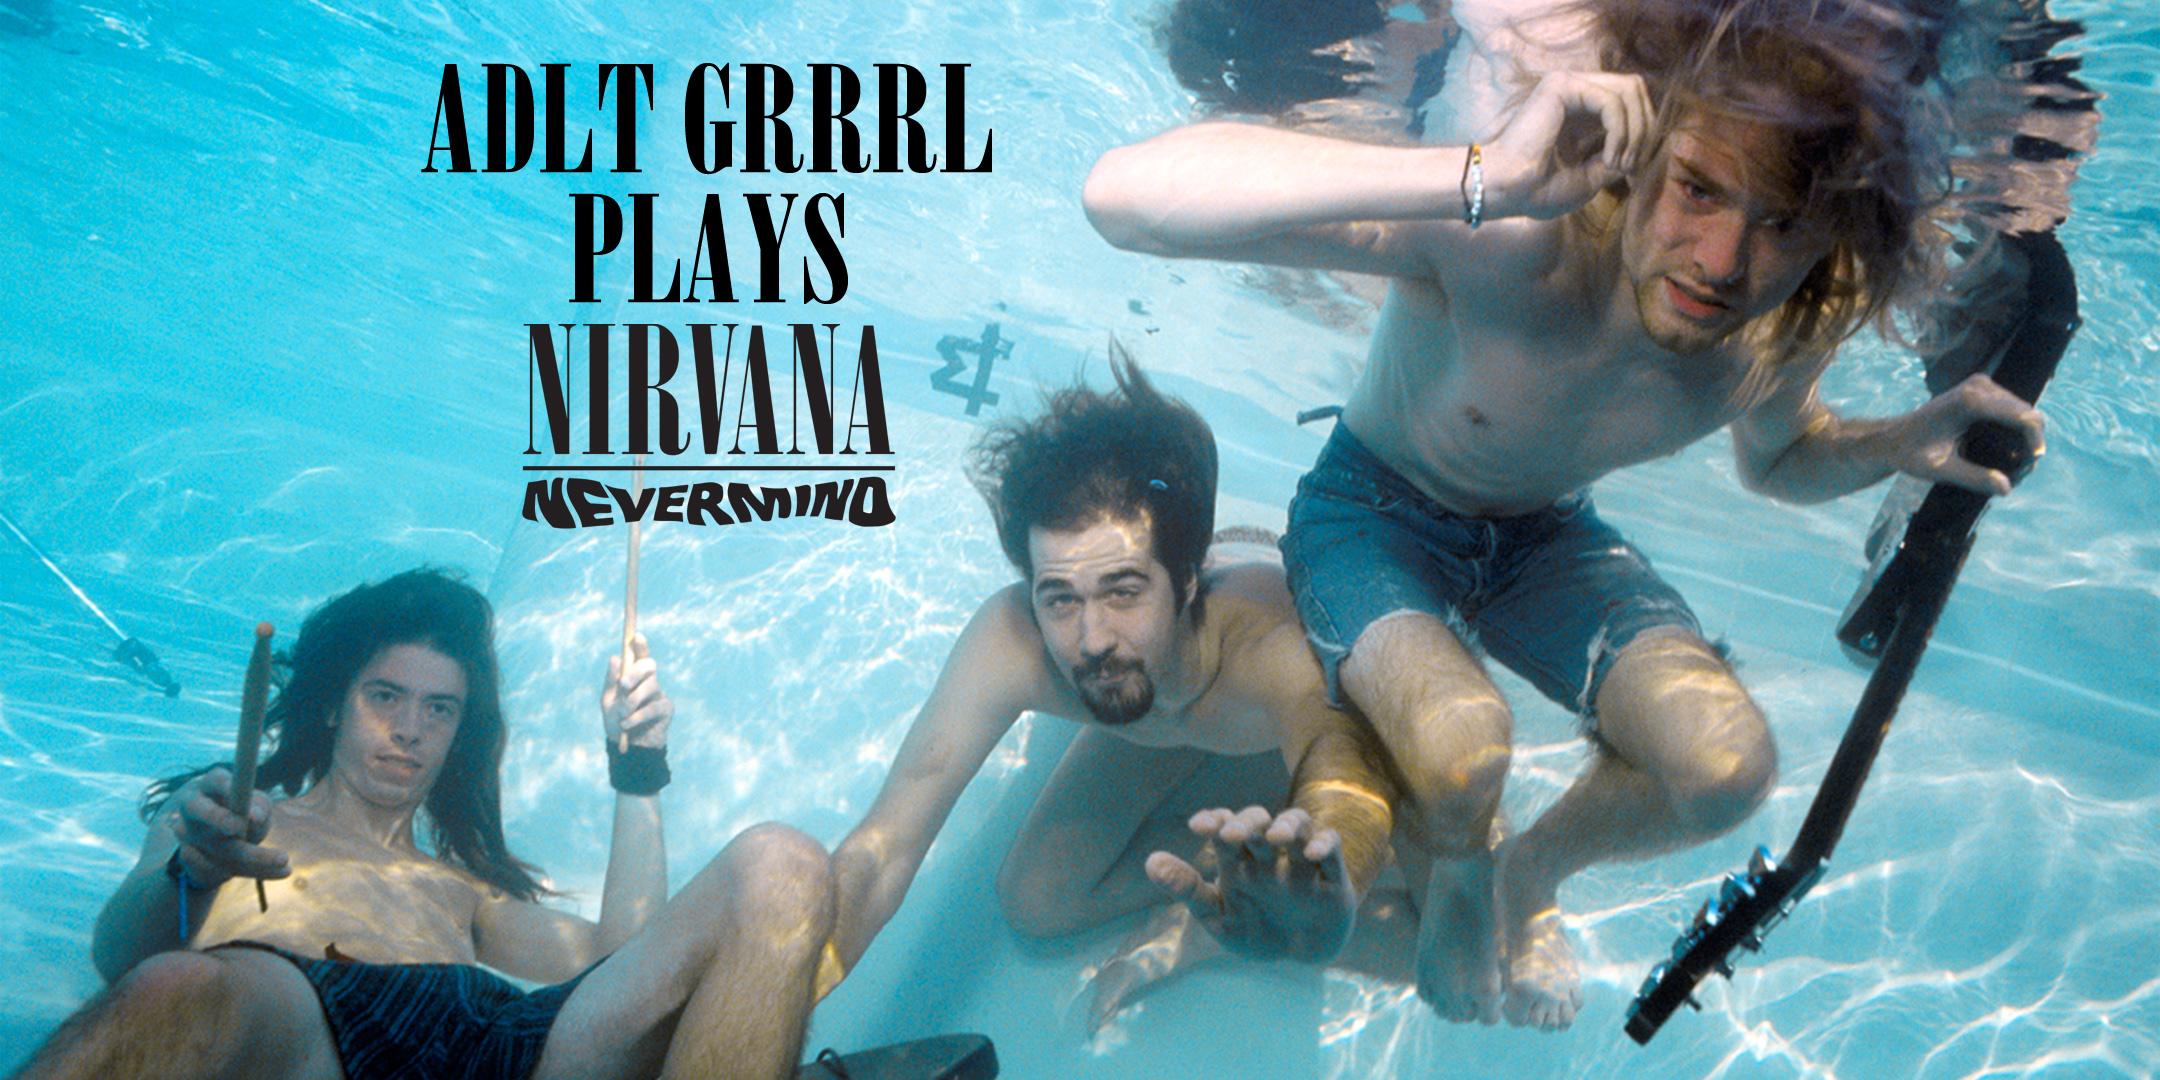 Adlt Grrrl plays Nevermind